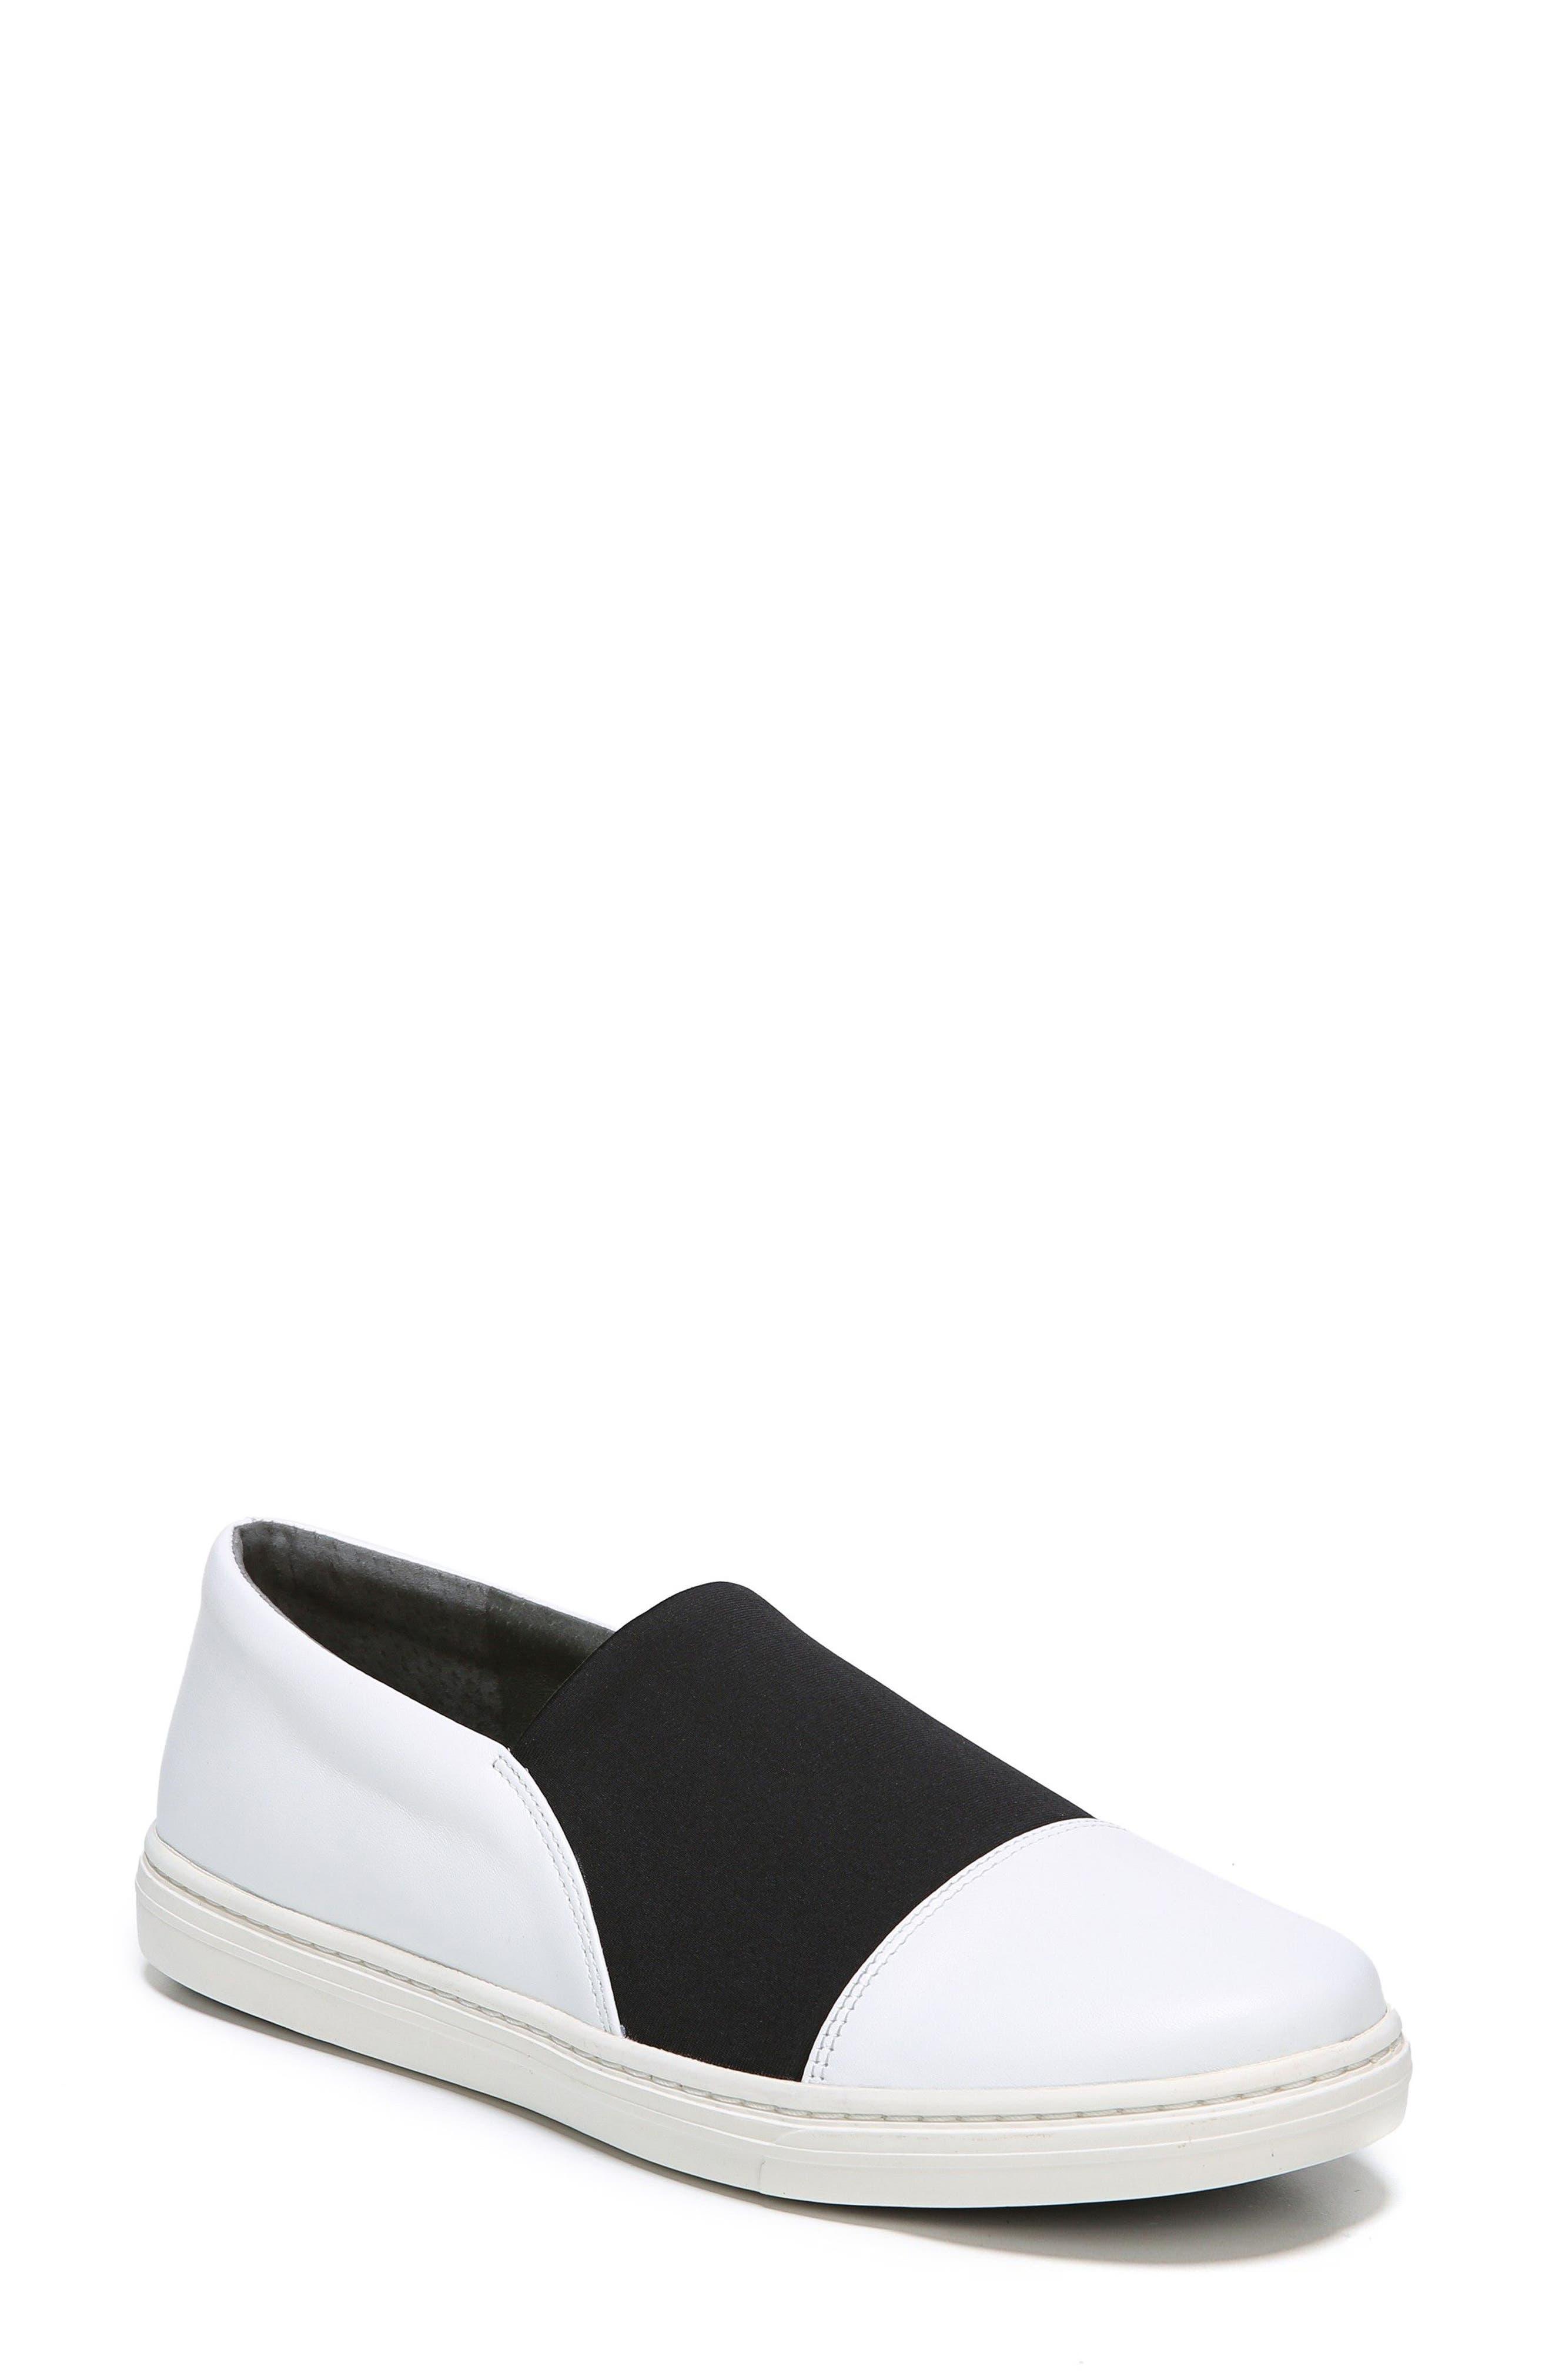 Raine Slip-On Sneaker,                             Main thumbnail 1, color,                             002